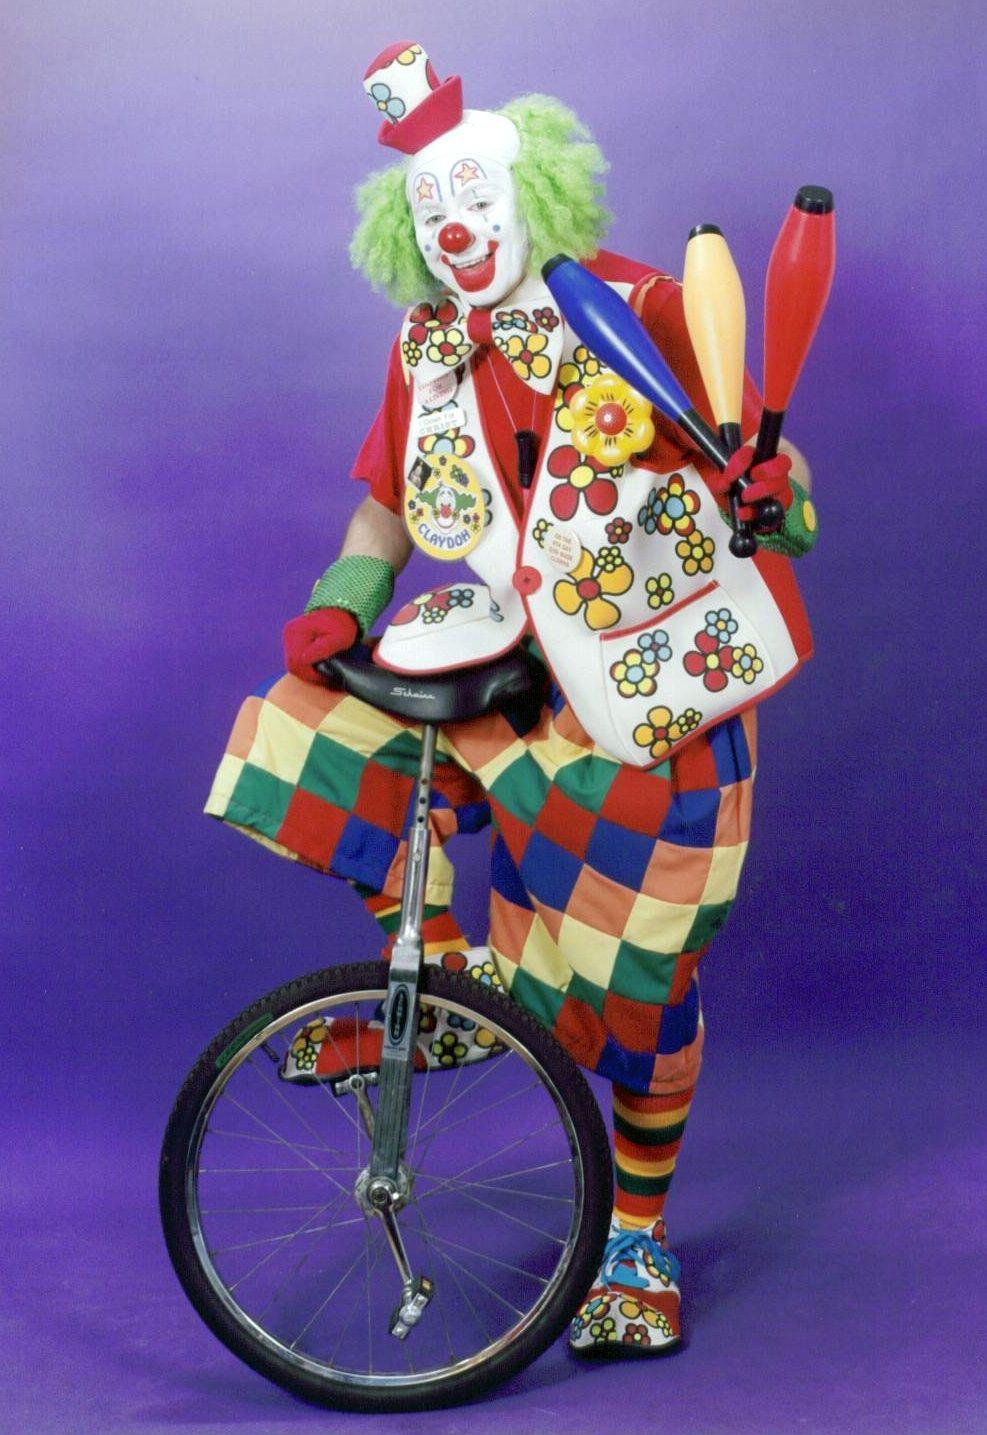 жонглирующий клоун на колесе картинка все нужные инстанции